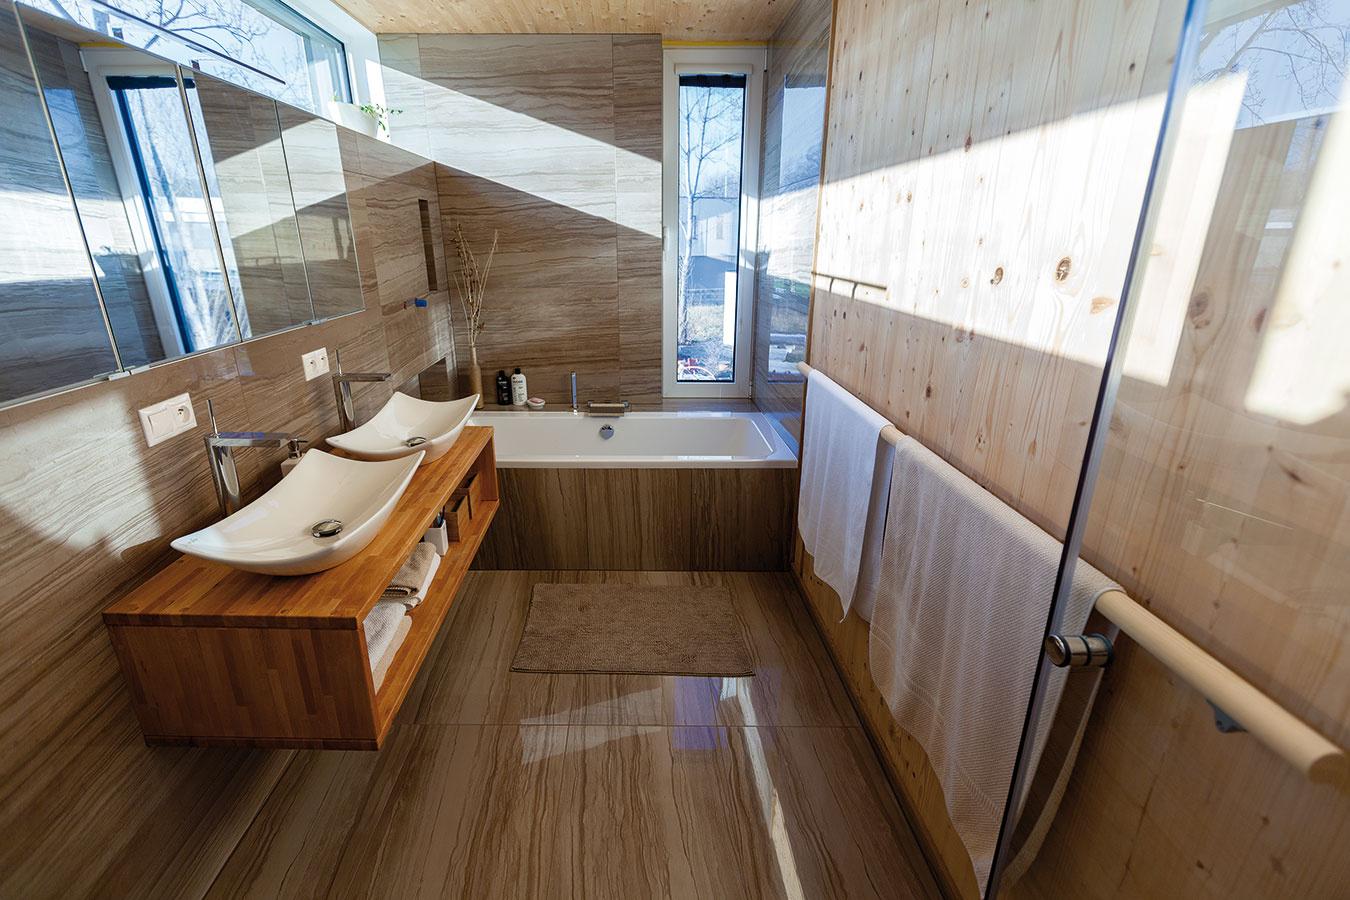 Kúpeľňa orientovaná na východ a juh je takmer celý deň presvetlená prirodzeným svetlom. Netradičné rozmery a umiestnenie okien jej navyše dodávajú akúsi poetickú dynamiku.